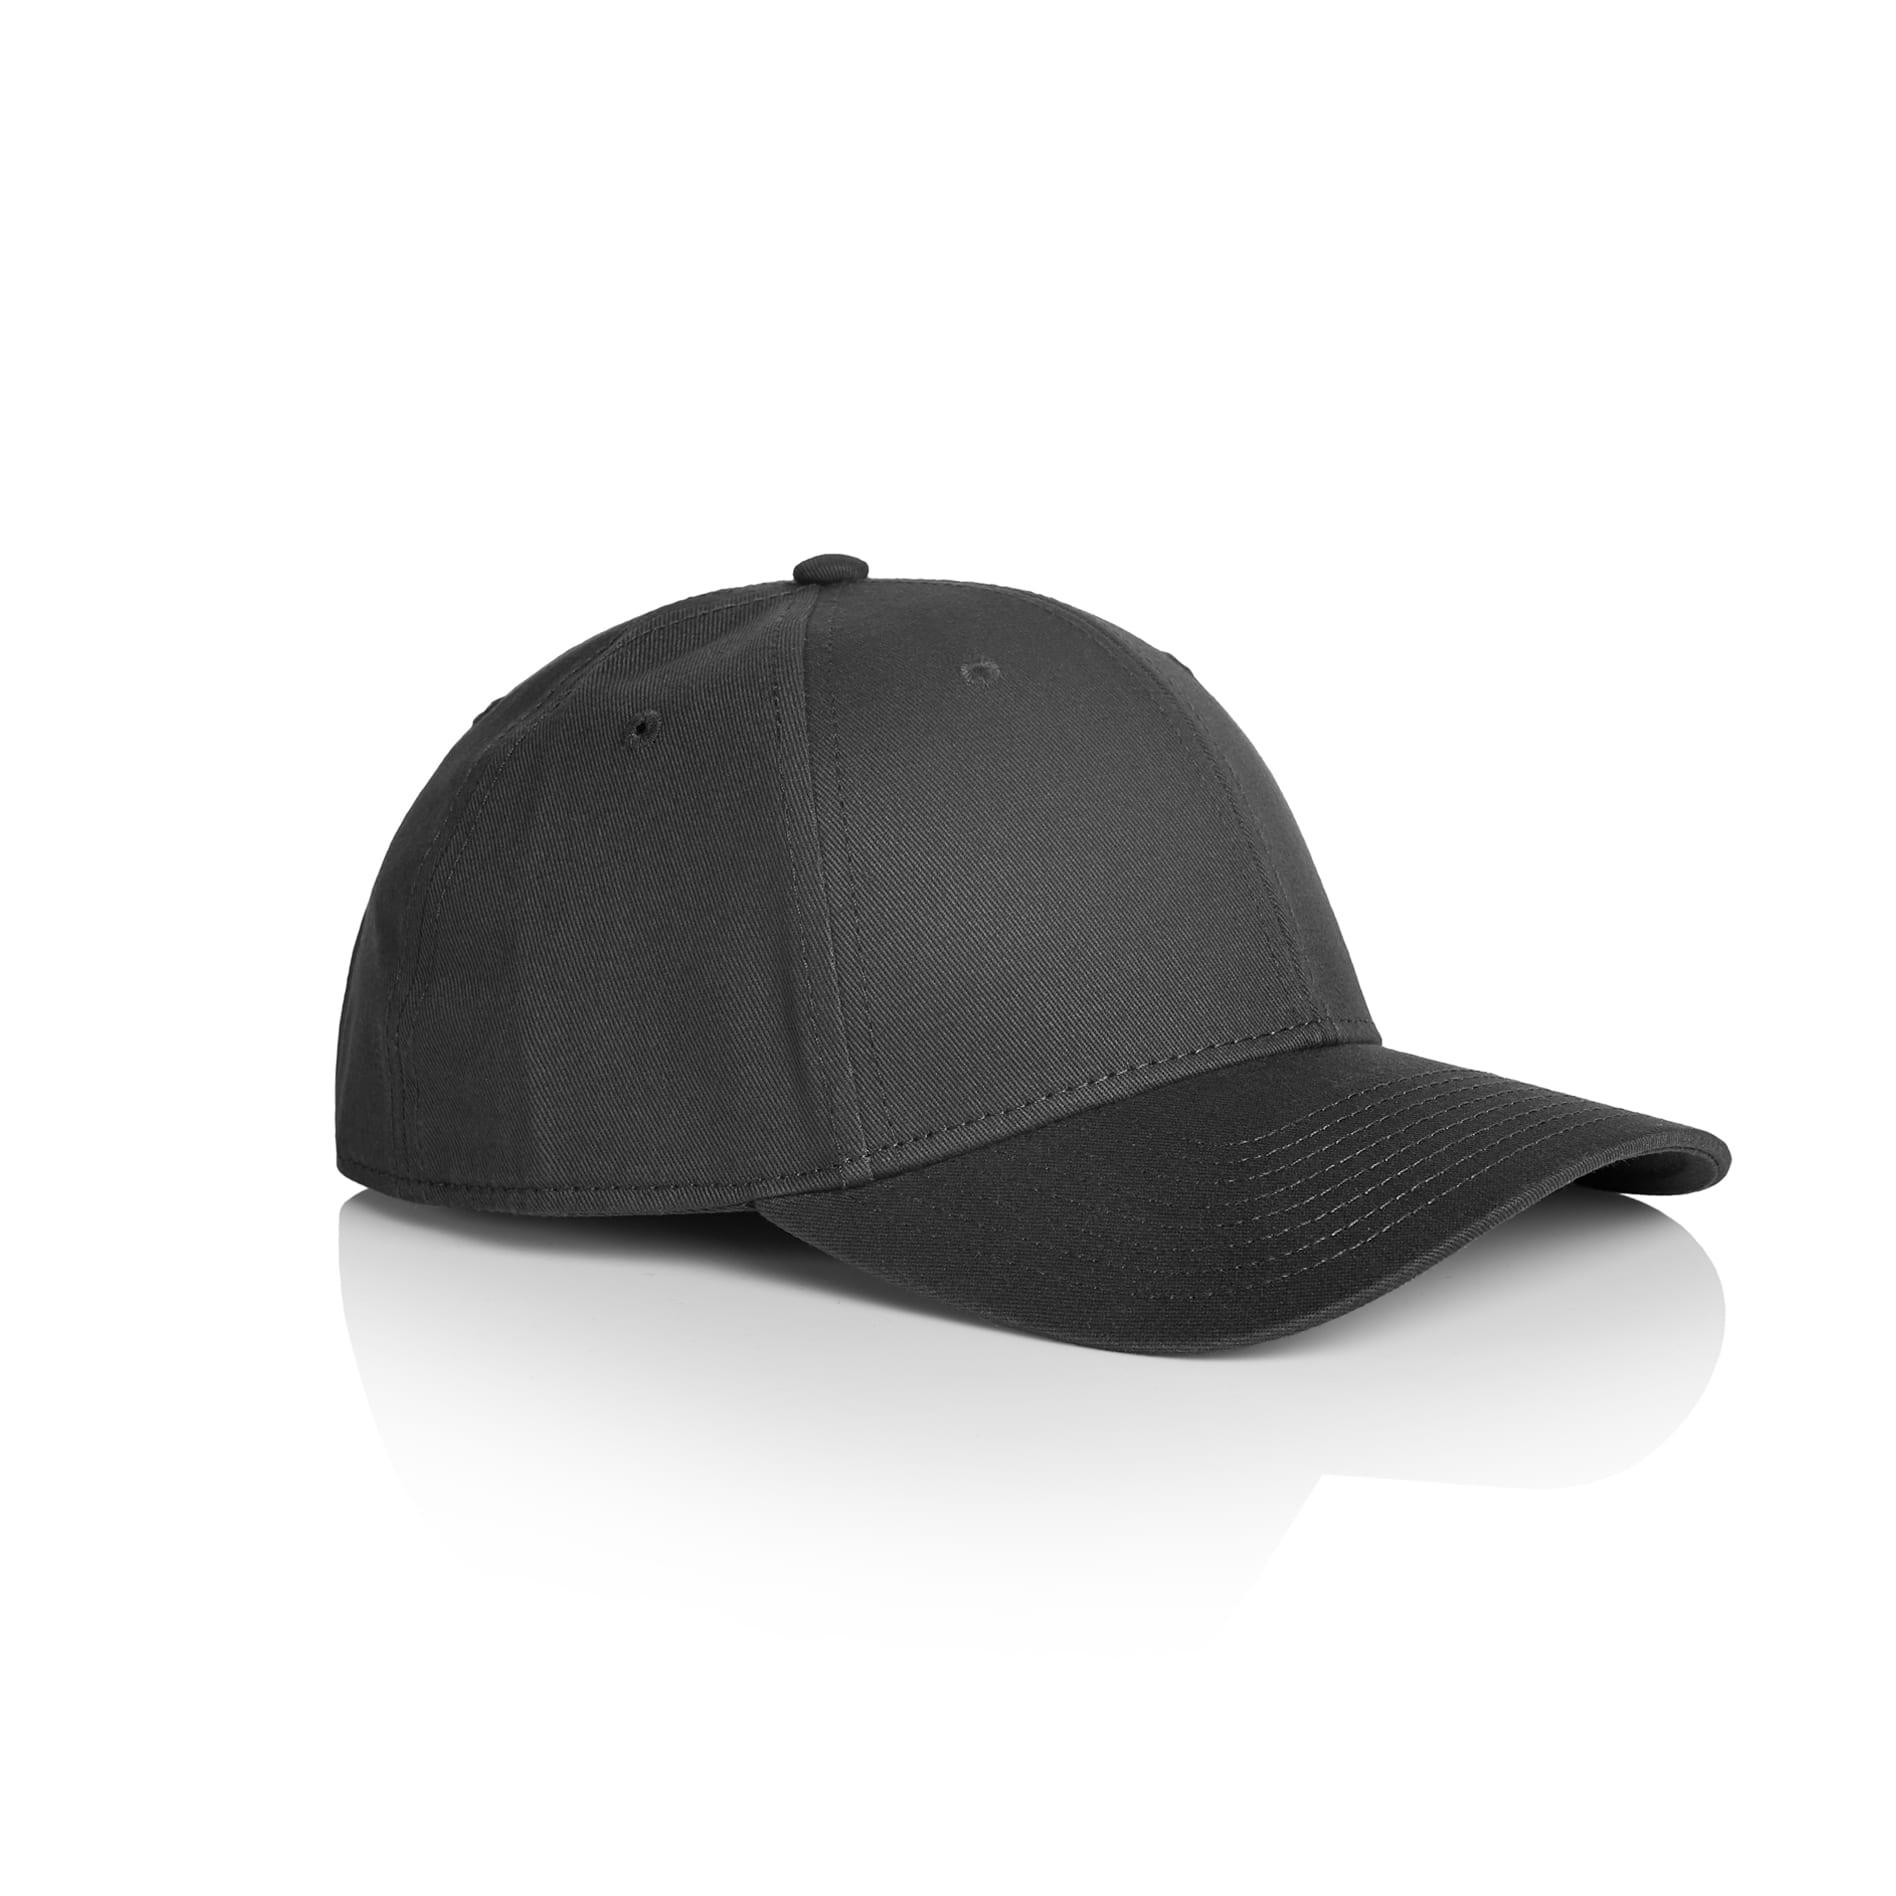 AS 1118 Grade Cap